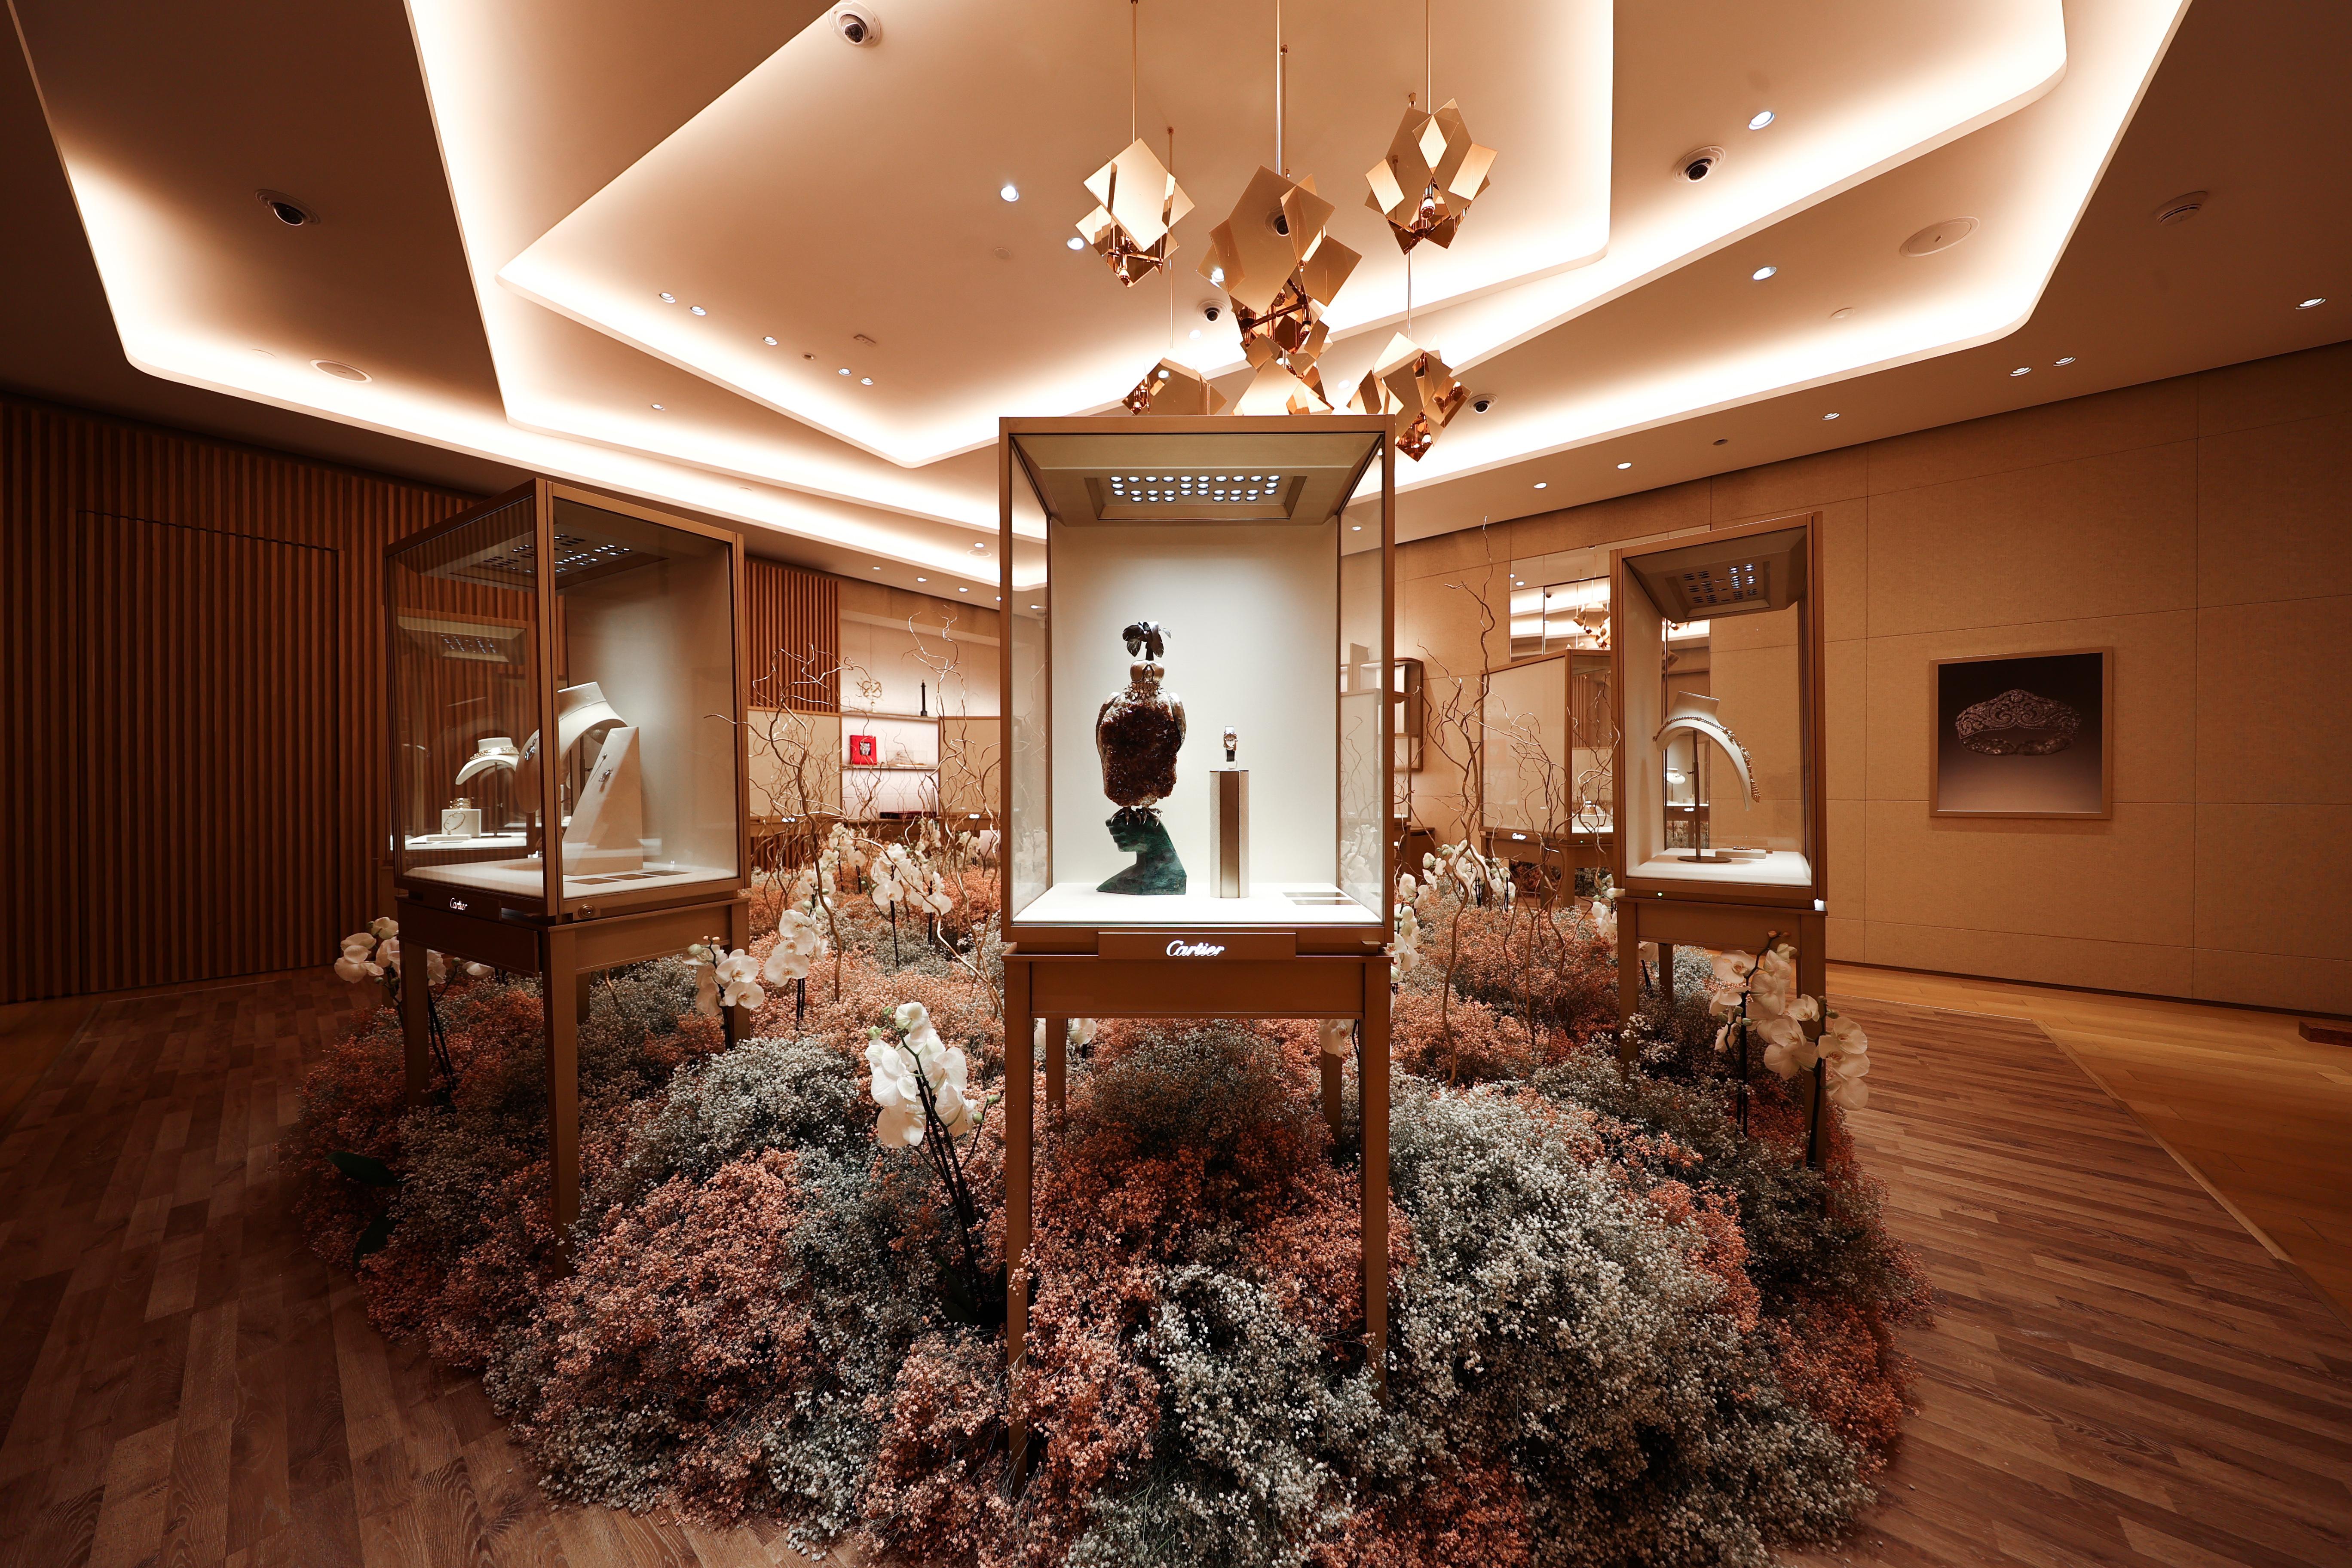 معرض مميز لمجوهرات كارتييه Cartier الفاخرة في متجرها بالفيصلية في المملكة العربية السعودية